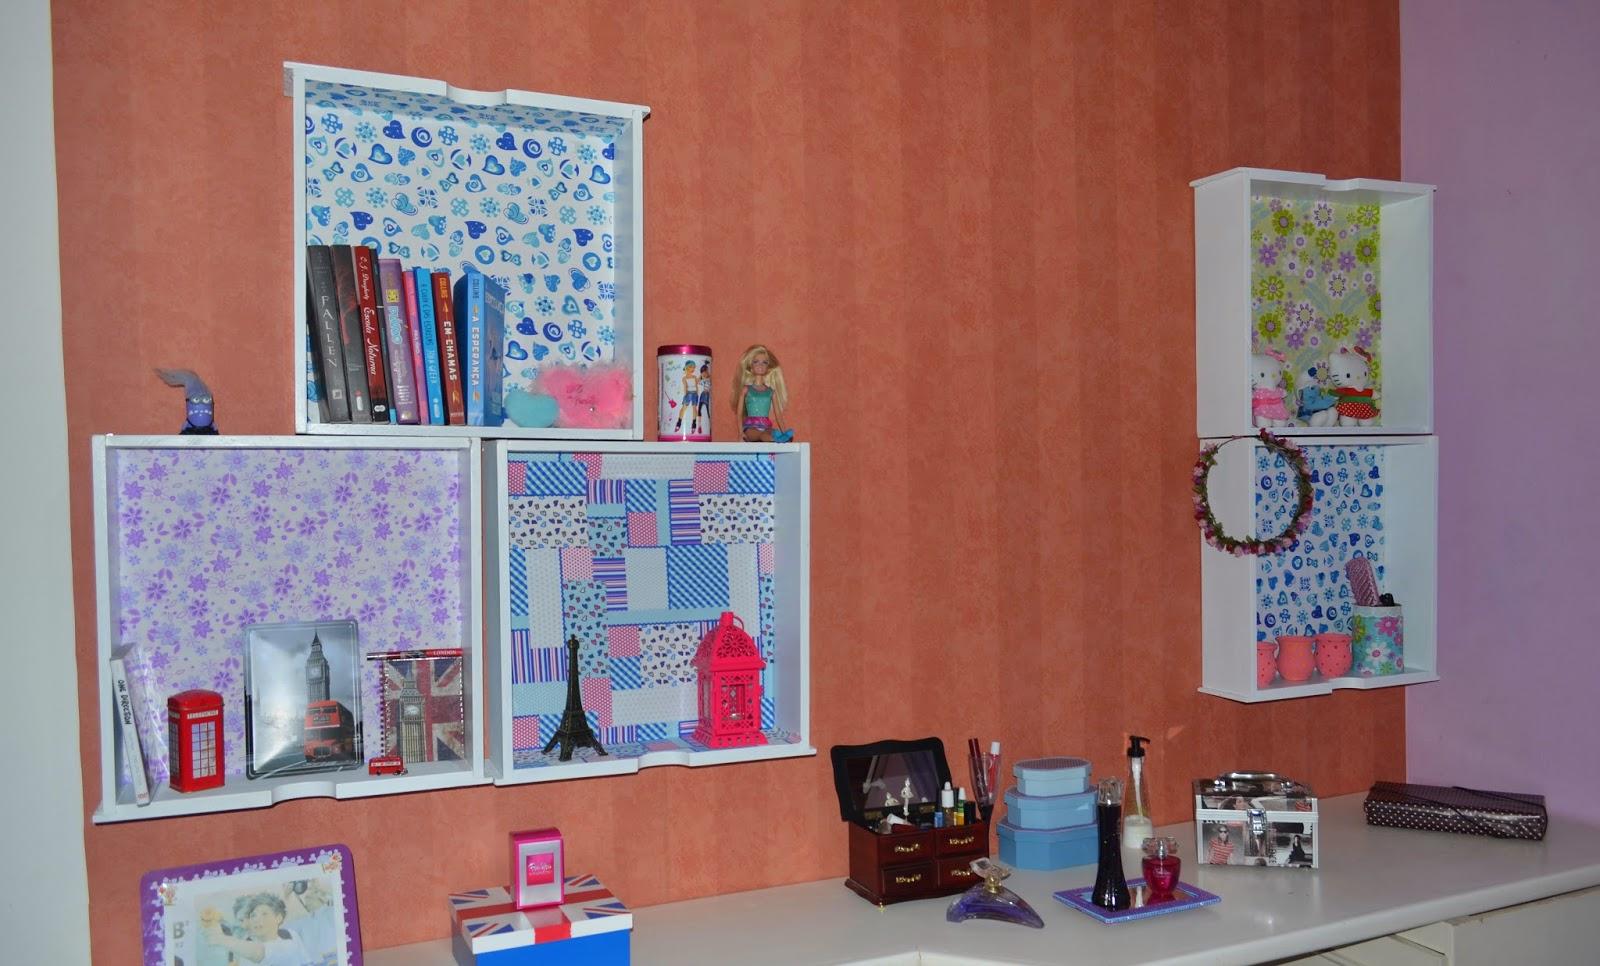 Casa de ideias e decoração: Gavetas recicladas viram prateleiras #8F4737 1600x966